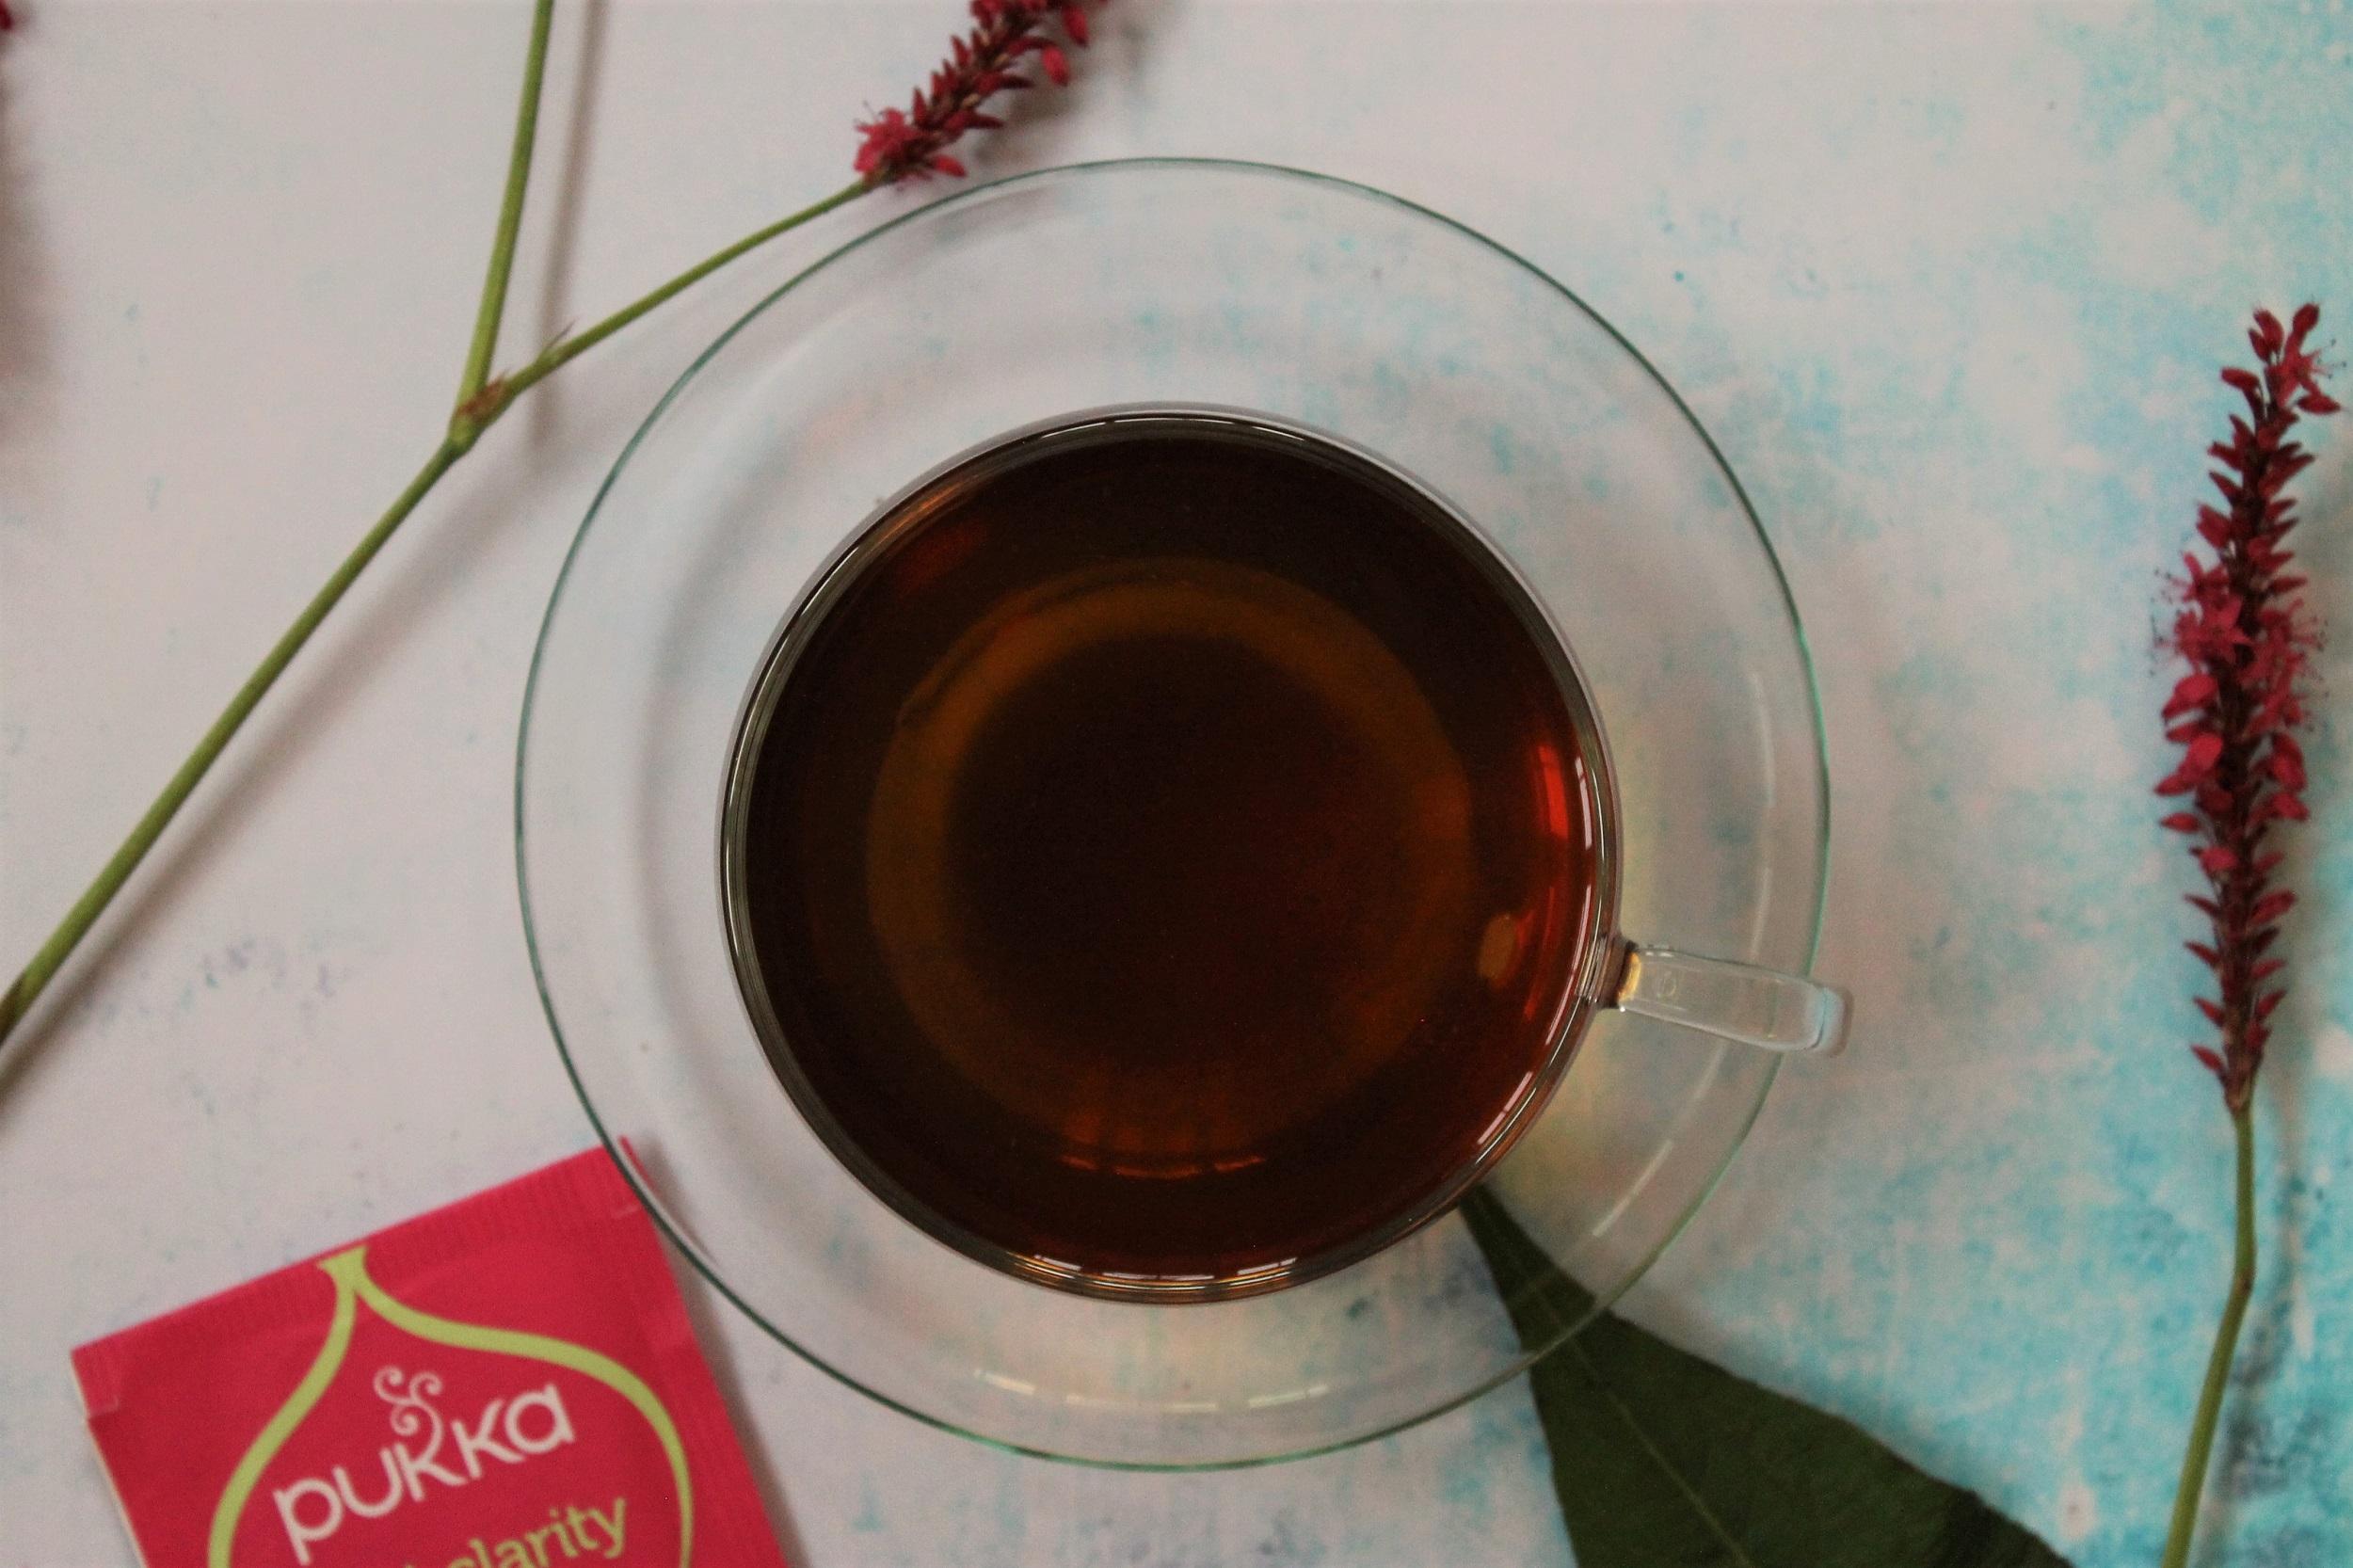 tulsi leaf tea